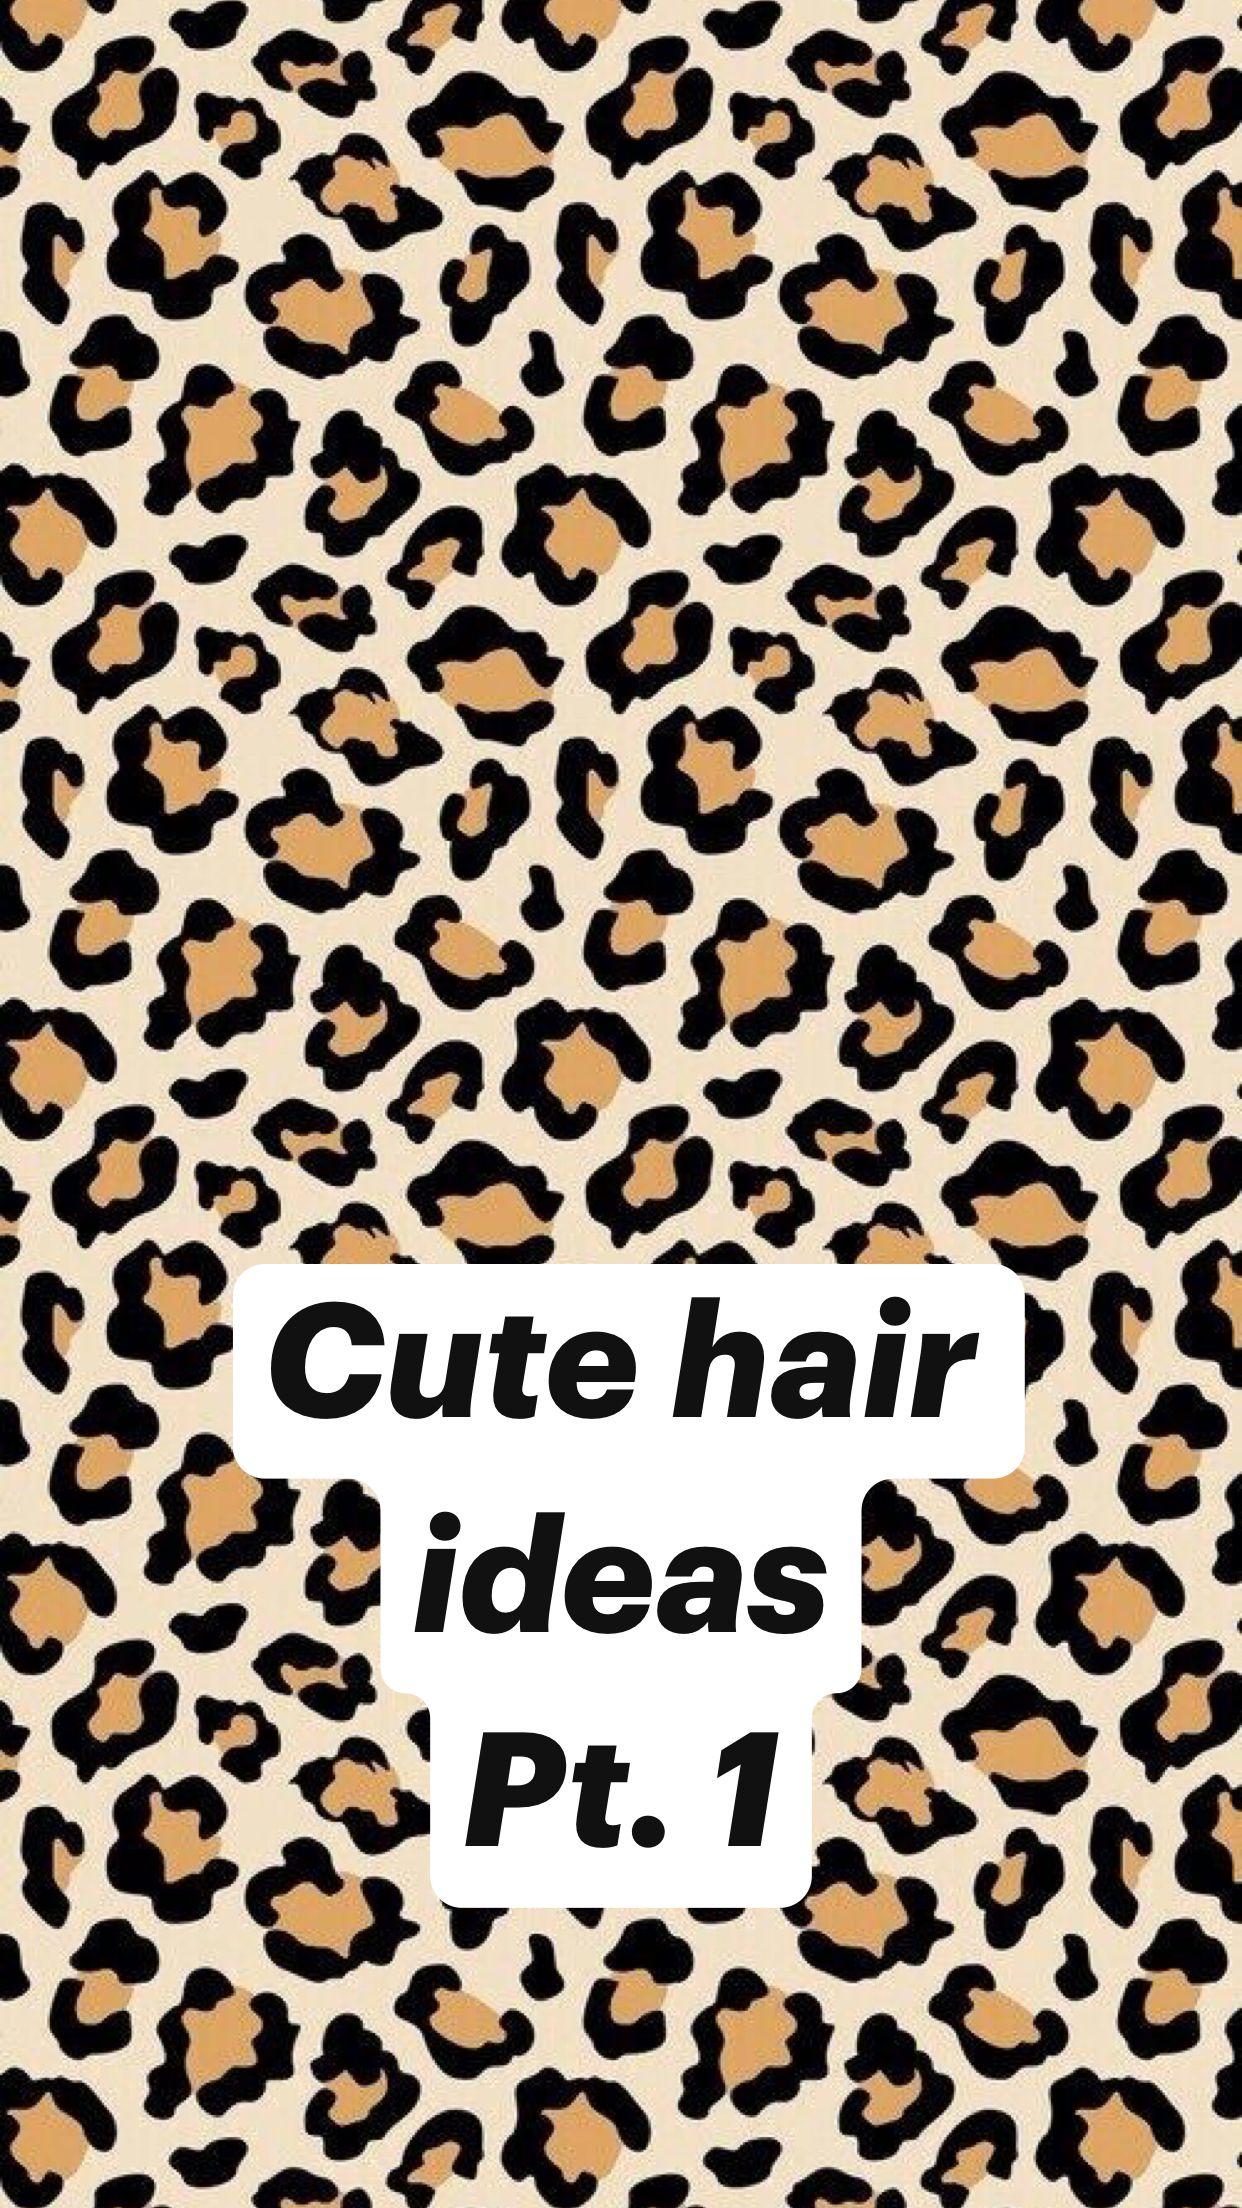 Cute hair ideas Pt. 1